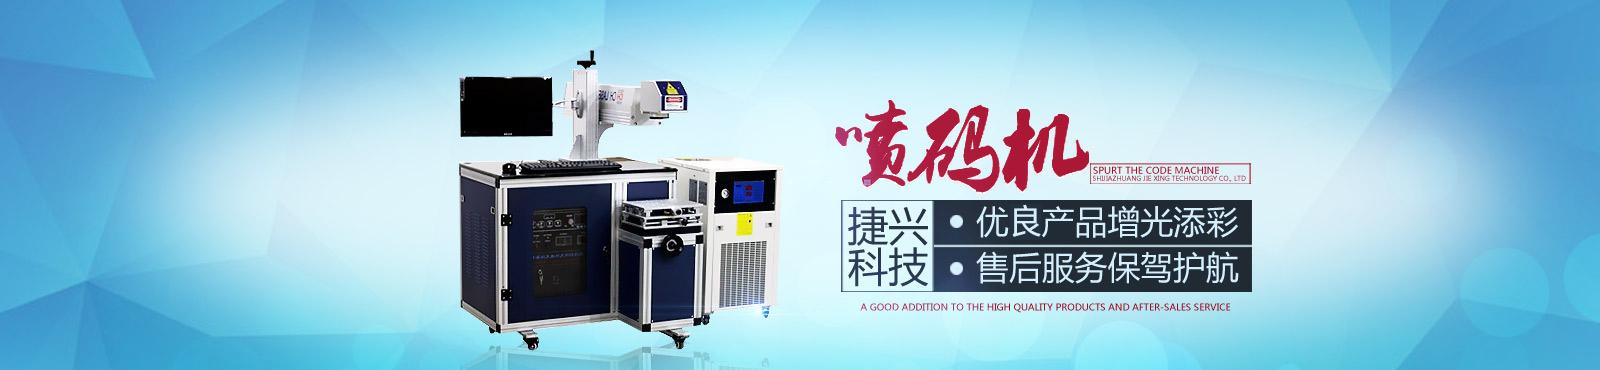 石家庄捷兴科技有限公司